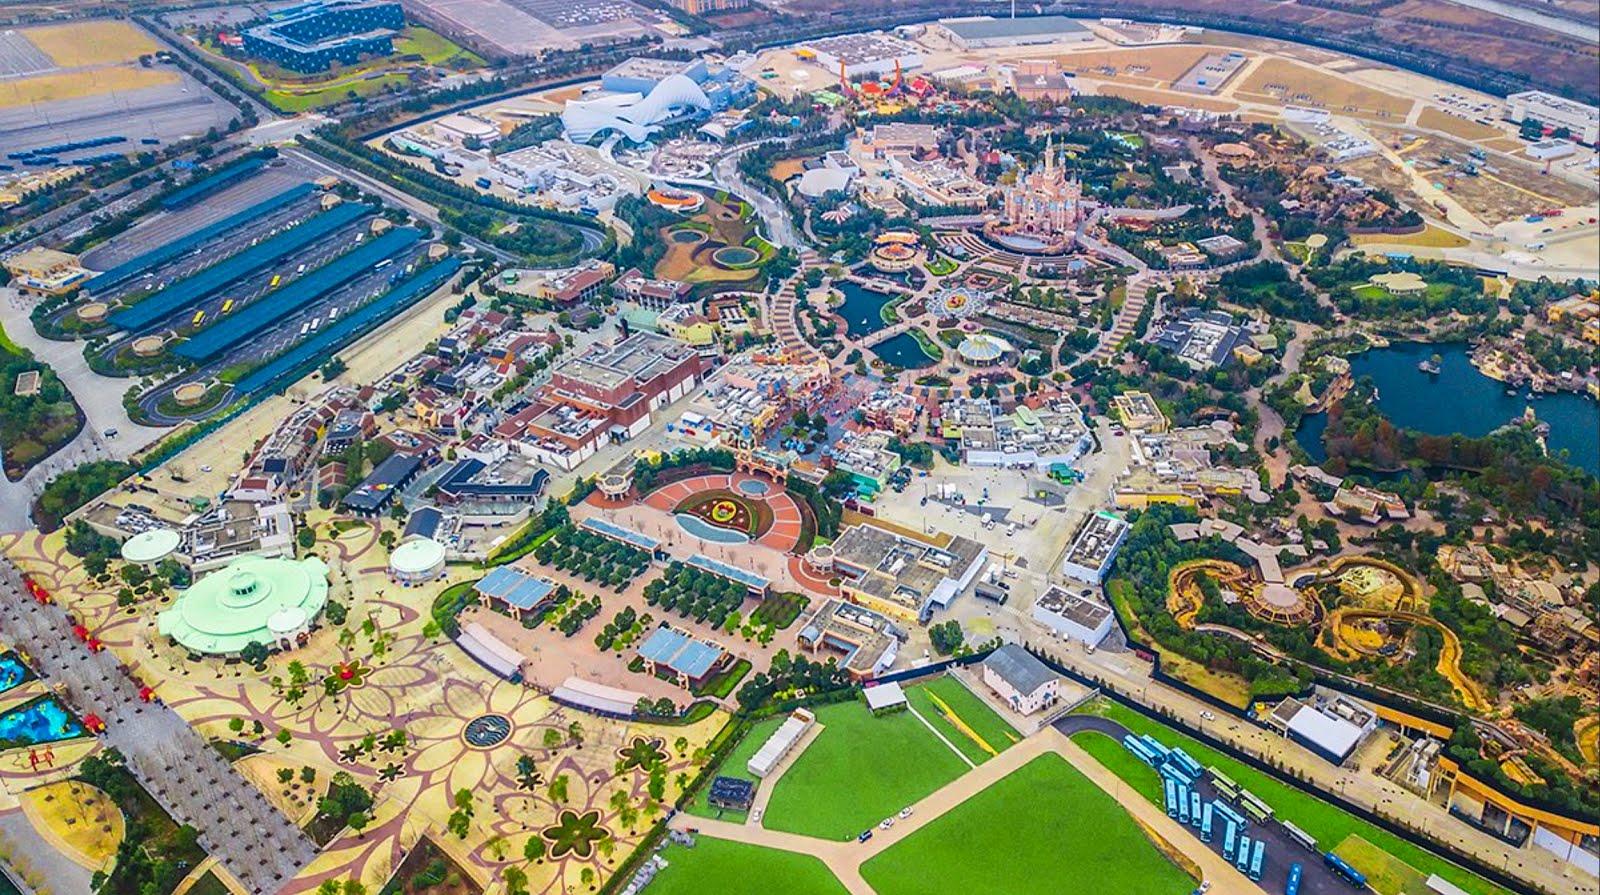 [Shanghai Disney Resort] Le Resort en général - le coin des petites infos  - Page 9 Capture%2Bd%25E2%2580%2599e%25CC%2581cran%2B2020-02-21%2Ba%25CC%2580%2B08.09.03